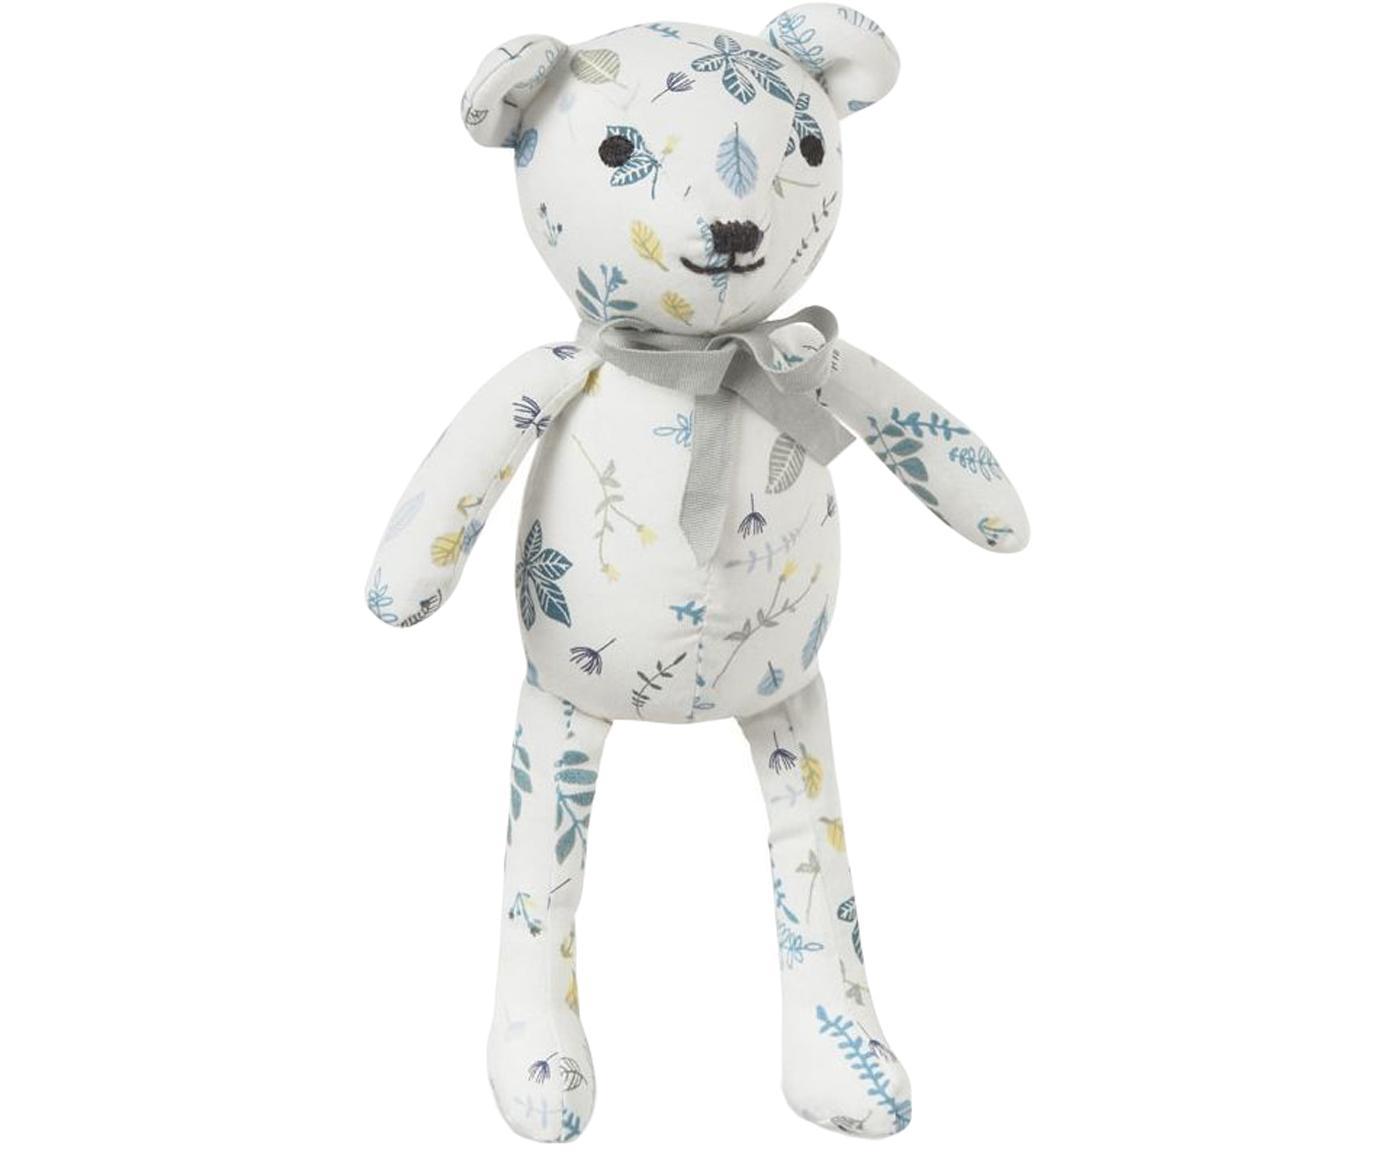 Kuscheltier Teddy aus Bio-Baumwolle, Bezug: Bio-Baumwolle, OCS-zertif, Weiß, Blautöne, Gelb, 14 x 28 cm